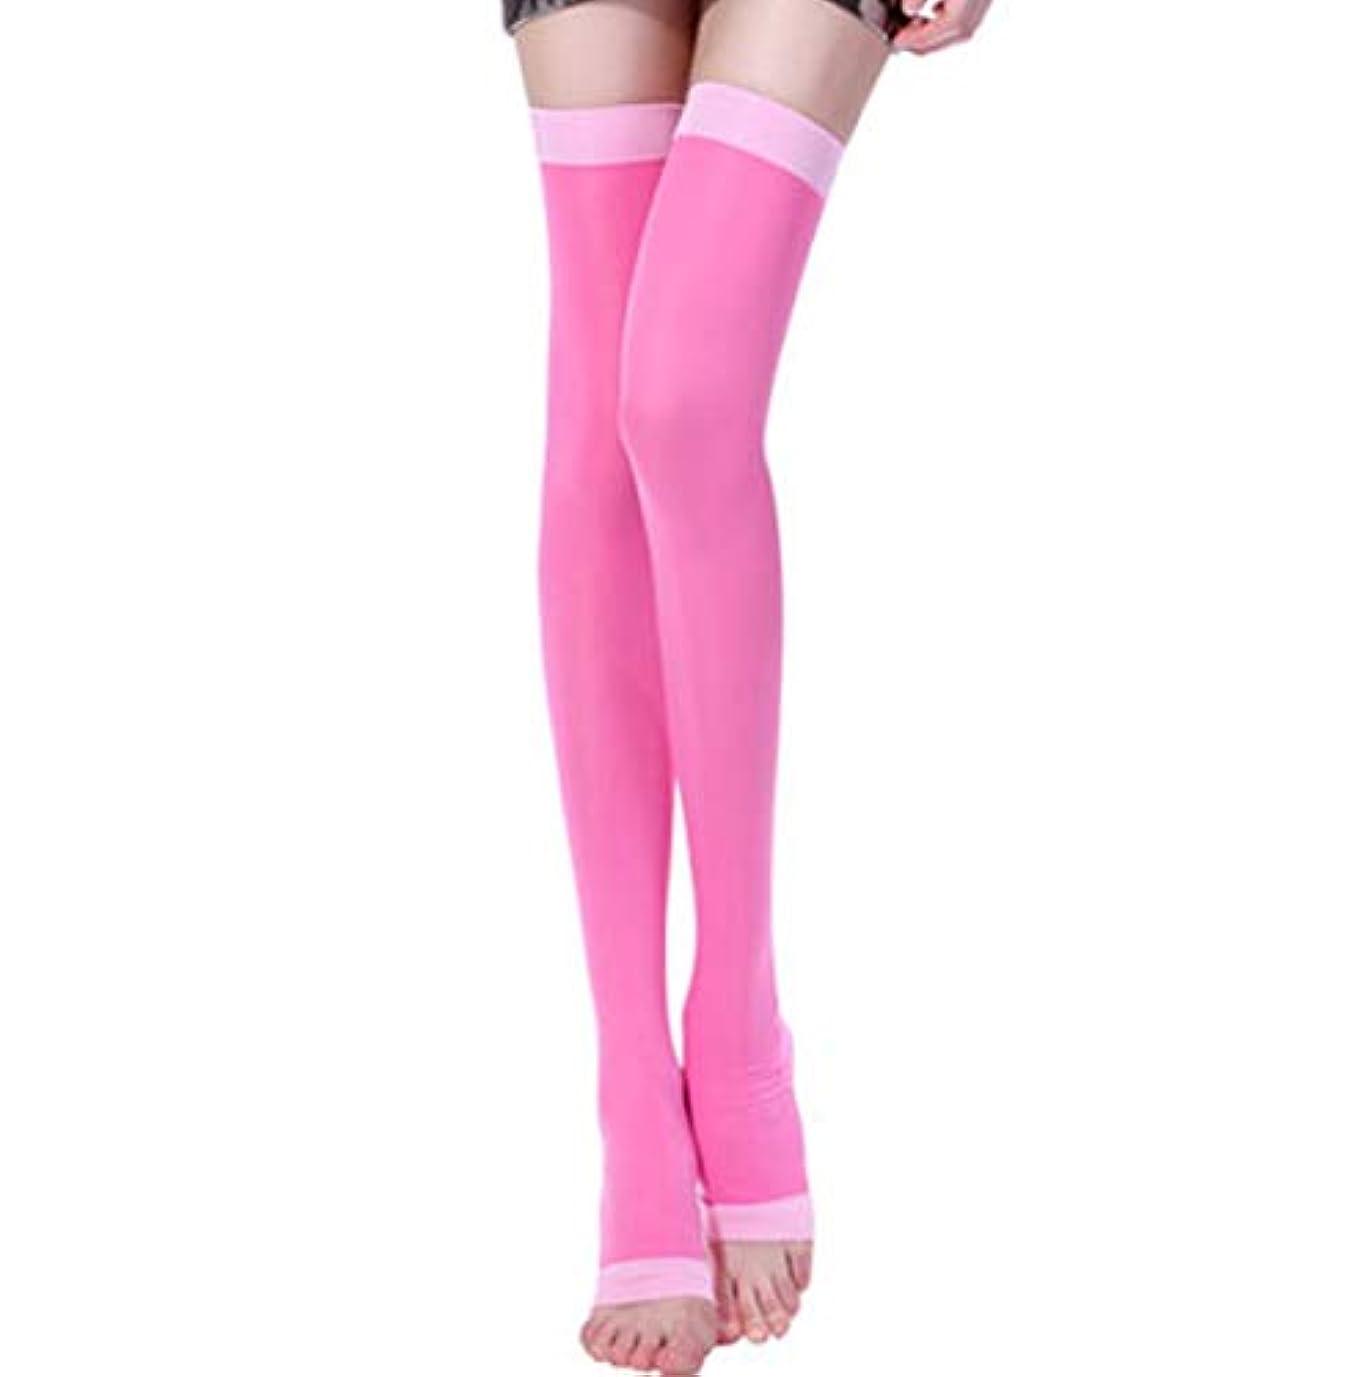 にんじんにやにや振る舞い最新モデル 楽やせ第2世代 美脚ソックス 寝ながらレッグスリマー ロングサイズ (ピンク L)